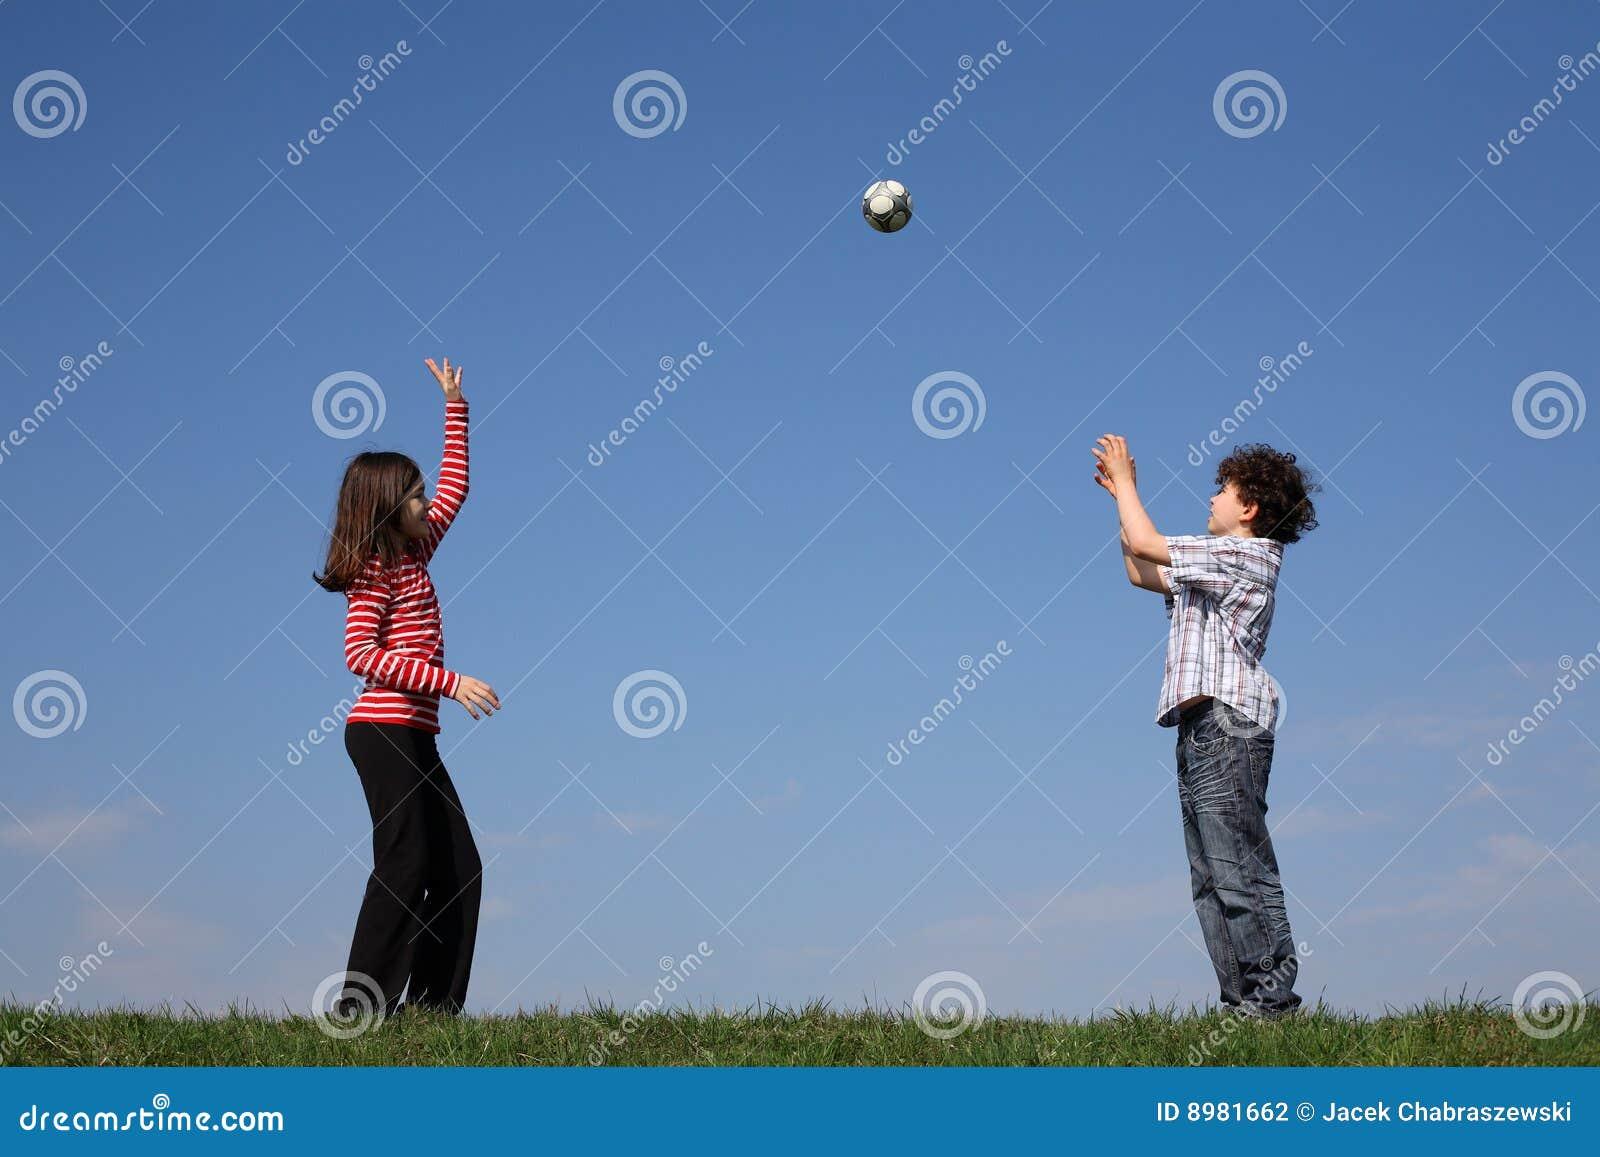 Kugel Spielen